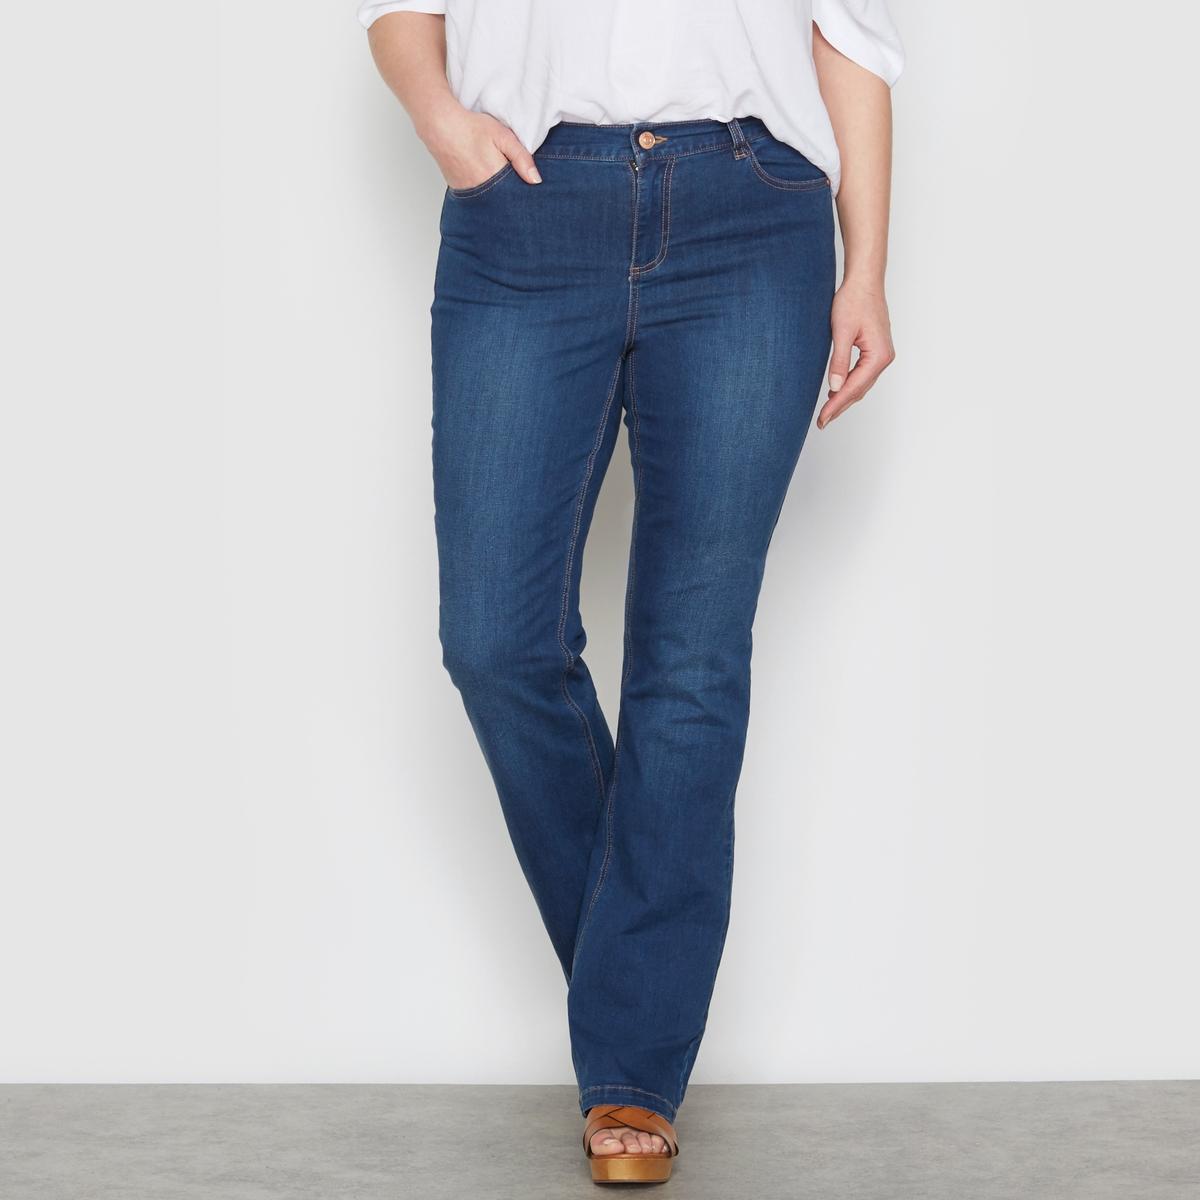 Джинсы стретч бойфренд, длина по внутр.шву ок. 78 смПодчеркивается талия, бедра, ягодицы зрительно округляются: джинсы стретч бойфренд отлично сидят и чрезвычайно удобны! Расклешенный низ. 5 карманов.Рост от 1 м 65 см: длина по внутр.шву ок. 78 см.<br><br>Цвет: голубой потертый,синий потертый,темно-синий,черный<br>Размер: 50 (FR) - 56 (RUS).54 (FR) - 60 (RUS).50 (FR) - 56 (RUS).58 (FR) - 64 (RUS).56 (FR) - 62 (RUS).46 (FR) - 52 (RUS).52 (FR) - 58 (RUS).56 (FR) - 62 (RUS).54 (FR) - 60 (RUS).54 (FR) - 60 (RUS).44 (FR) - 50 (RUS).44 (FR) - 50 (RUS).46 (FR) - 52 (RUS)